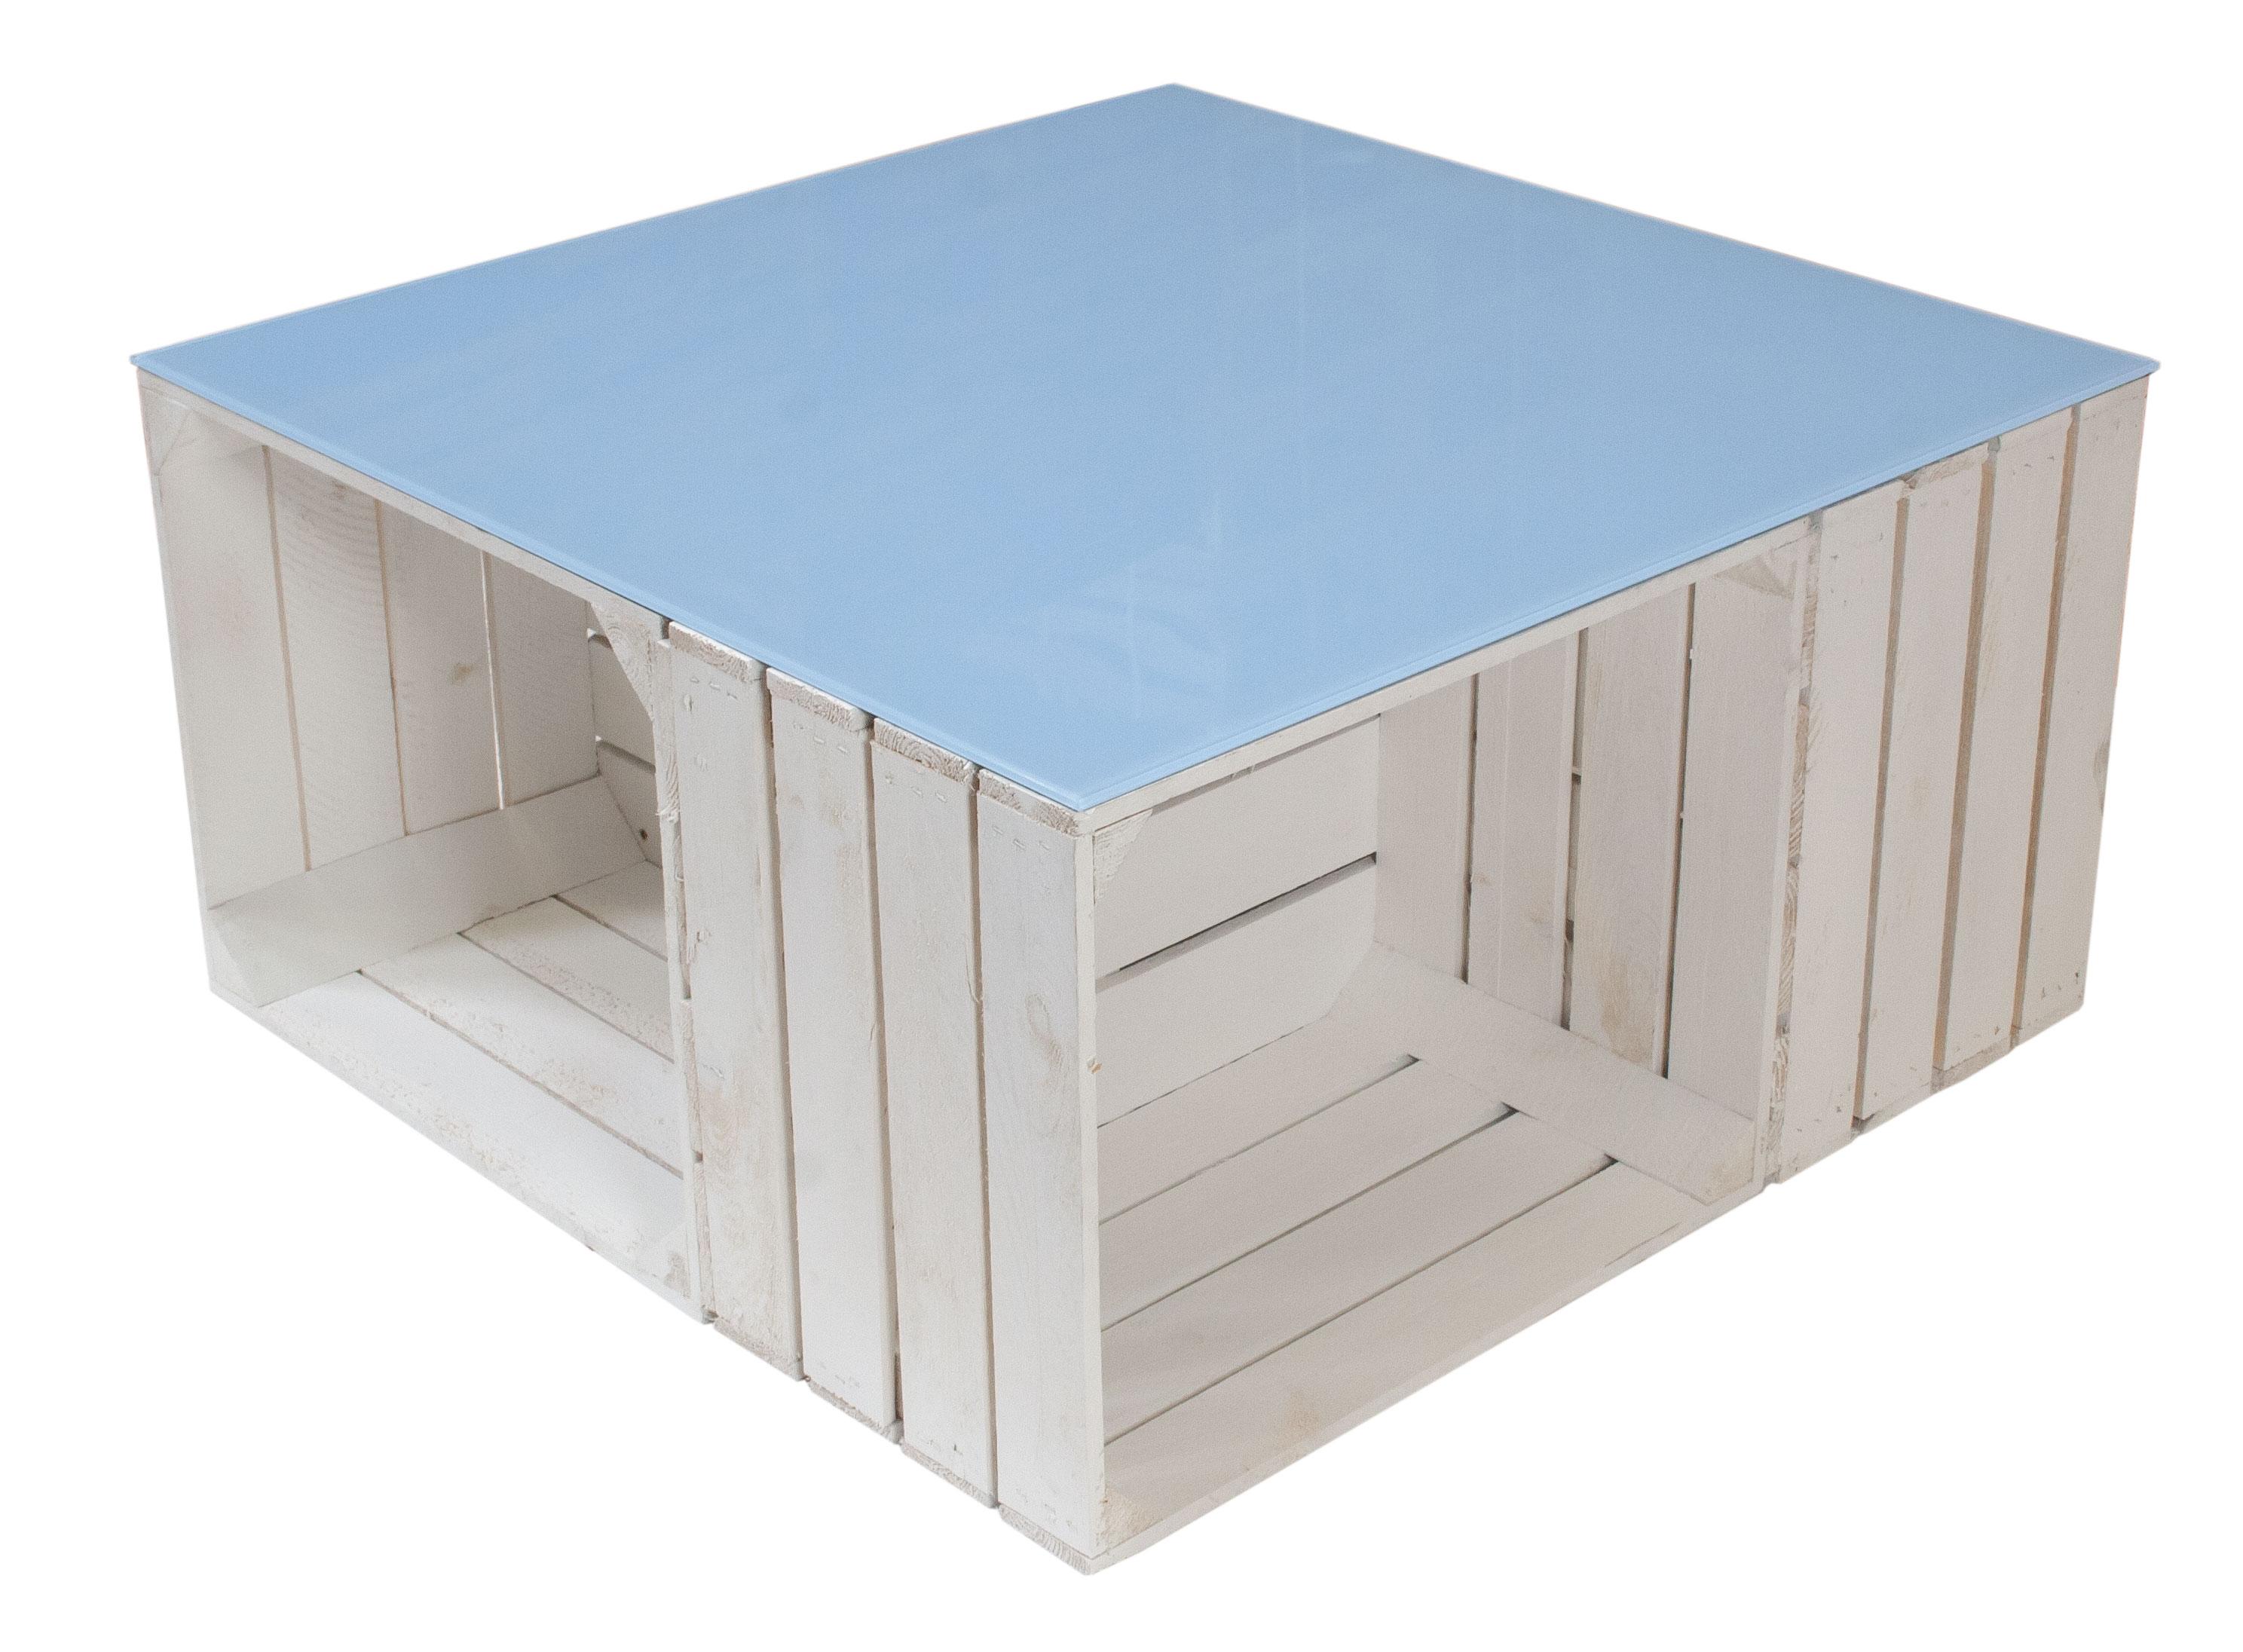 couchtische schreibtische couchtisch aus wei en apfelkisten und hellblauer glasplatte 81x81x44cm. Black Bedroom Furniture Sets. Home Design Ideas